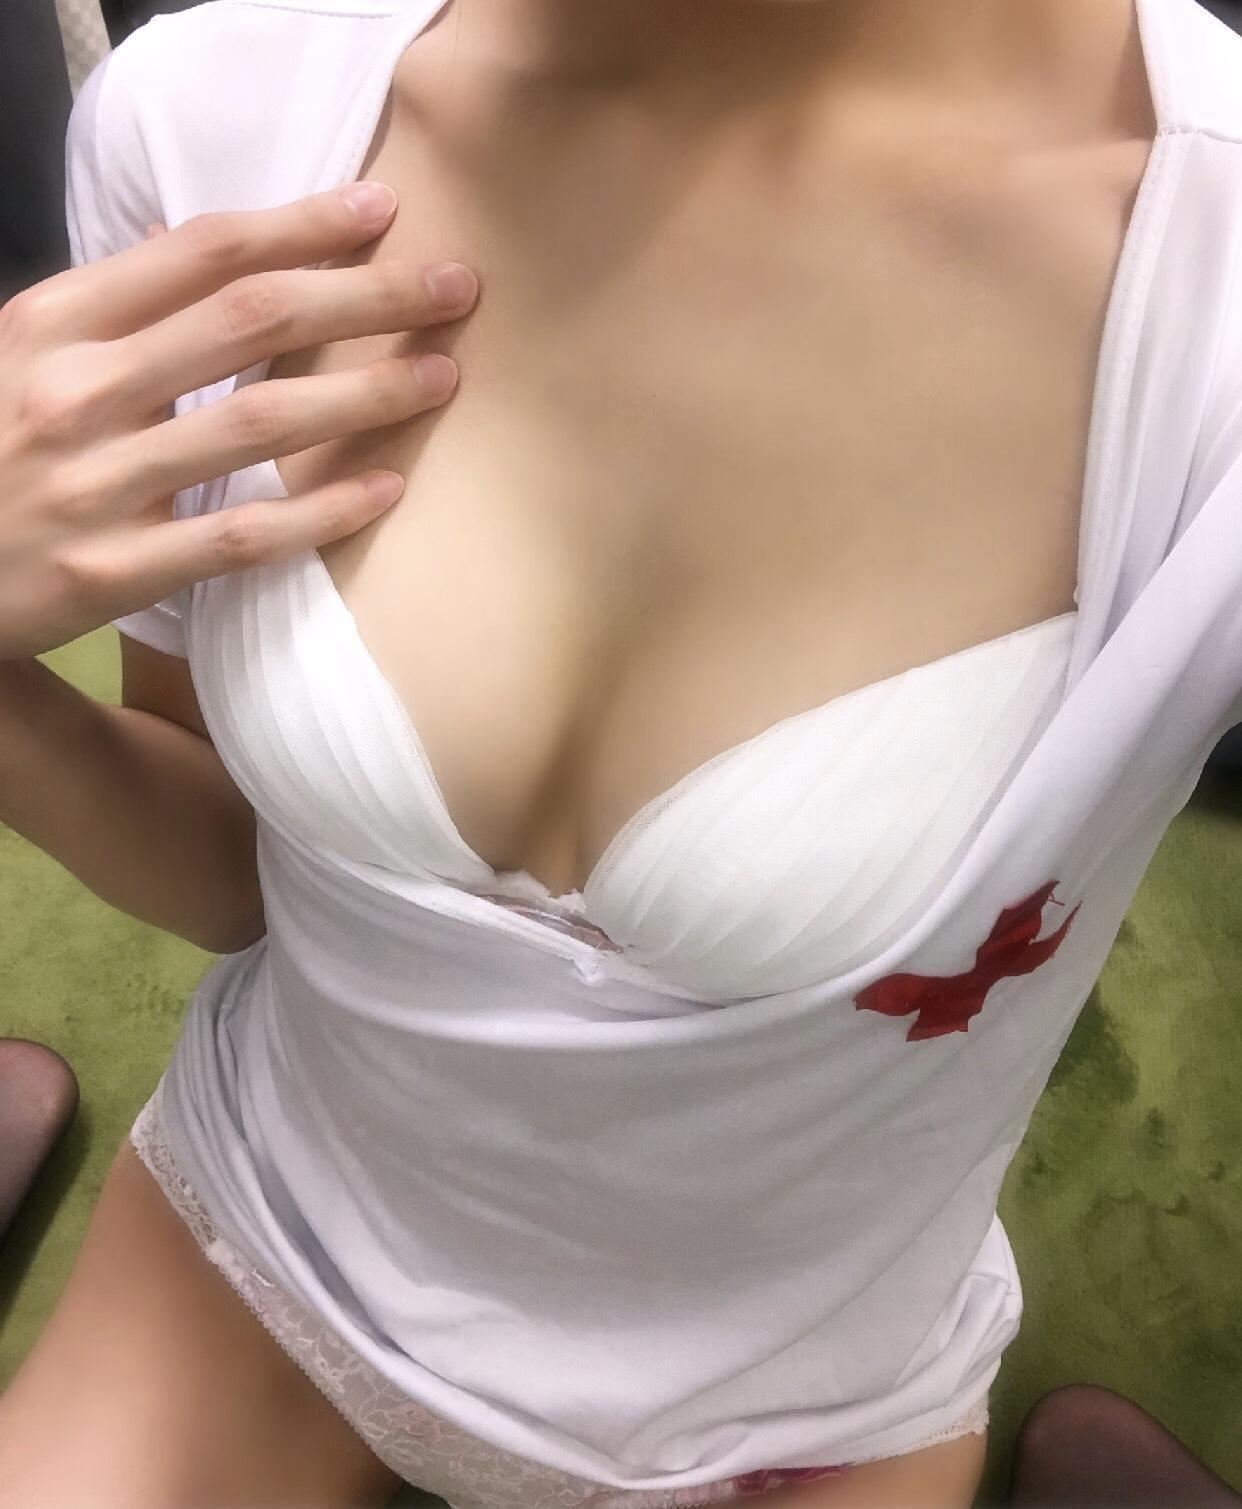 「楽しい時間ありがとでした」08/14日(火) 02:40 | 北原 ゆりの写メ・風俗動画